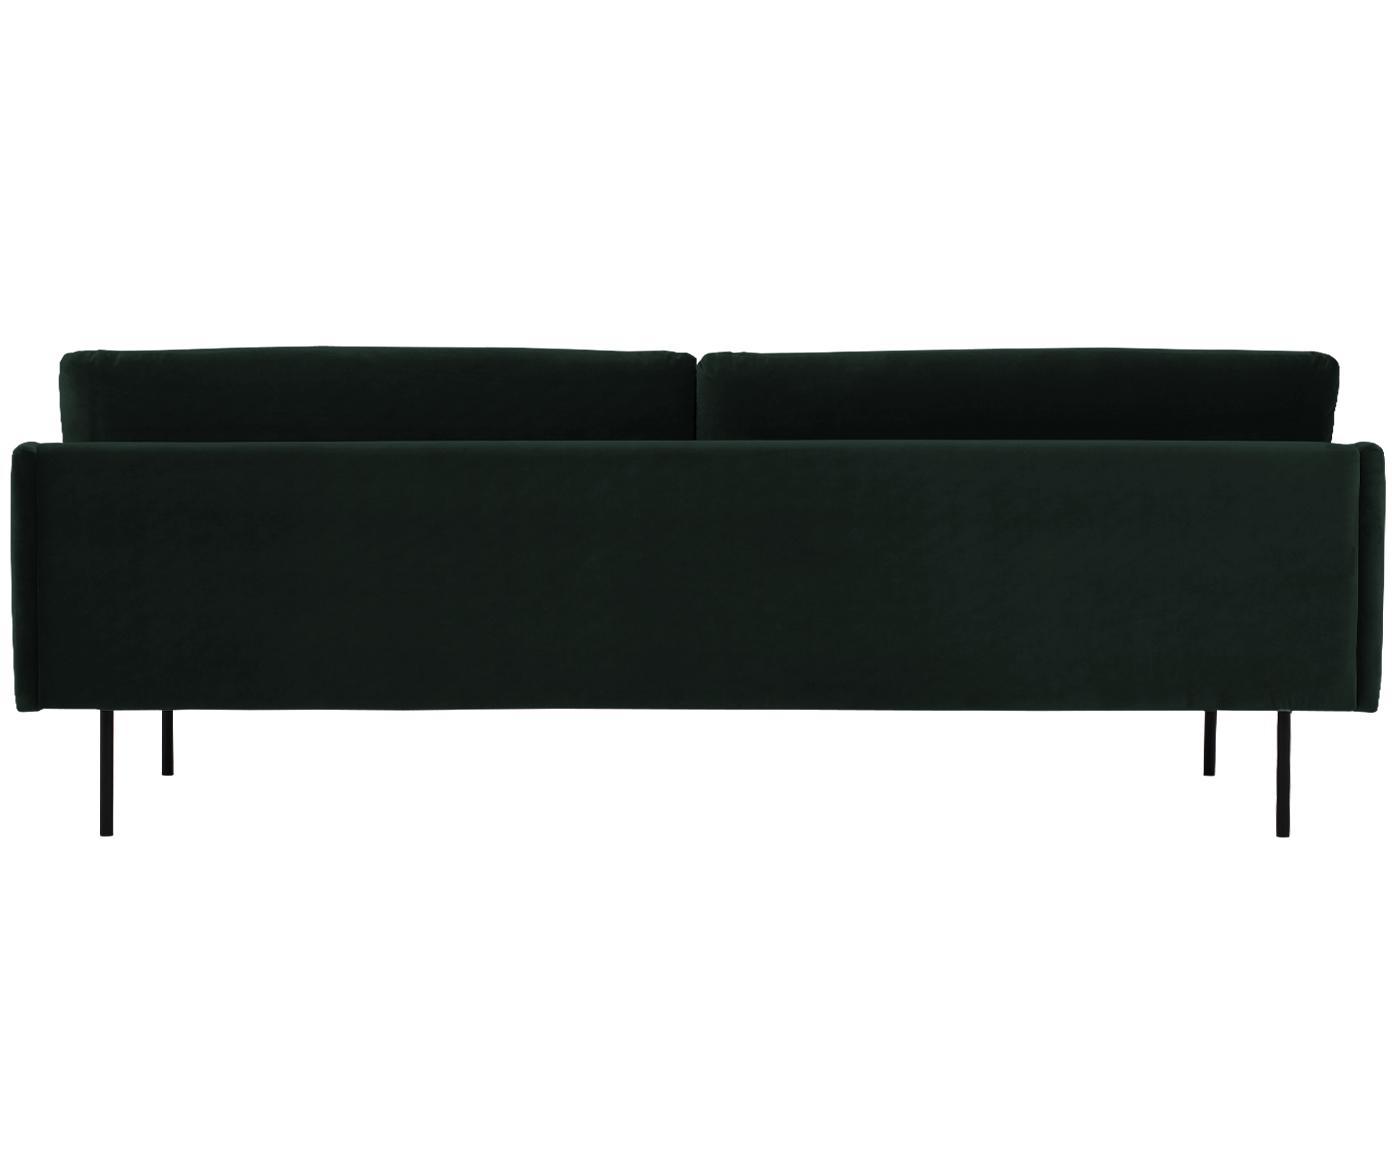 Fluwelen bank Moby (3-zits), Bekleding: fluweel (hoogwaardig poly, Frame: massief grenenhout, Poten: gepoedercoat metaal, Donkergroen, B 220 x D 95 cm